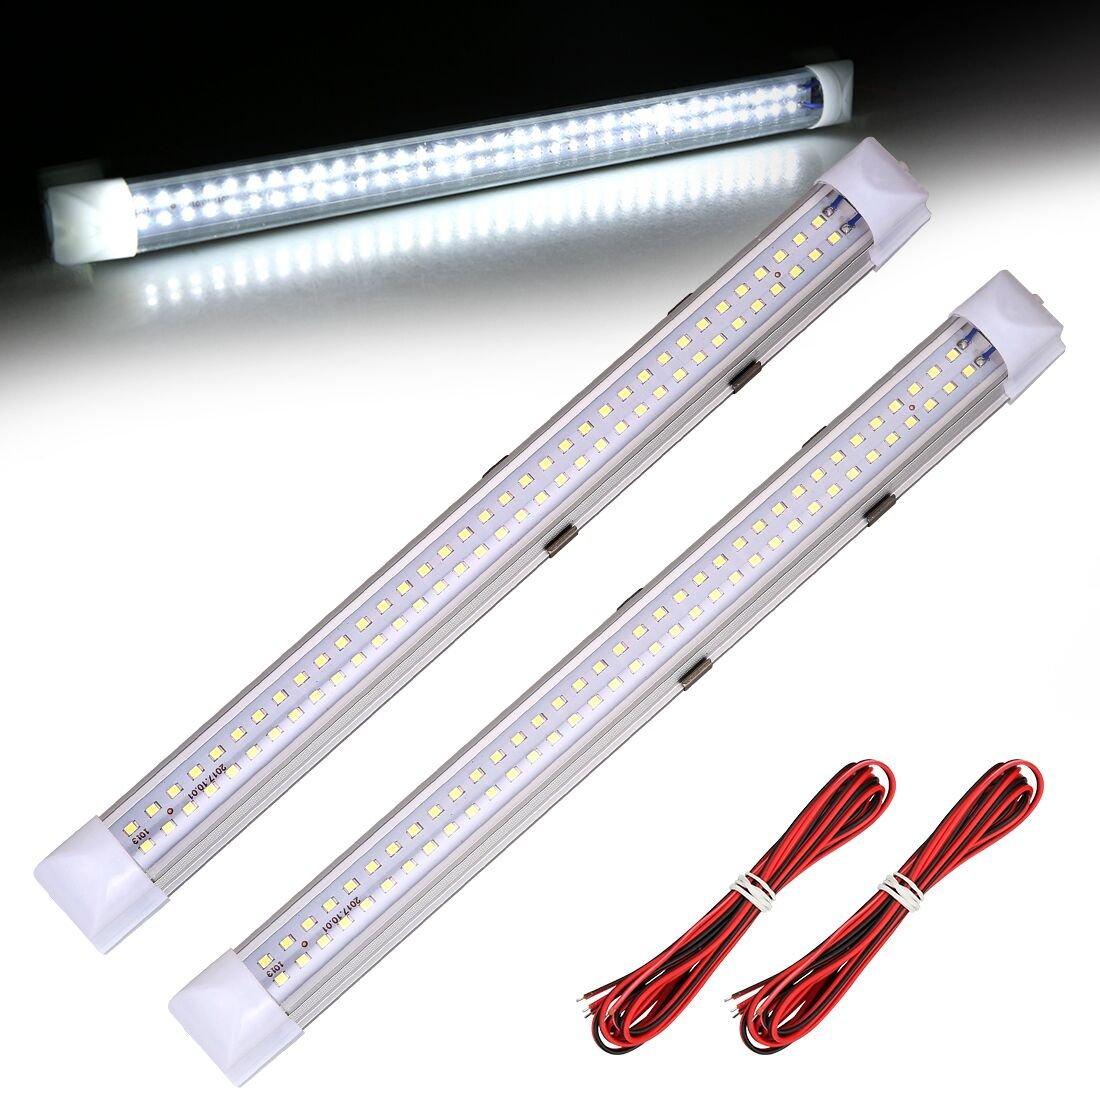 SUPAREE Tube LED Eclairage Inté rieur Lampe Barre de Bande avec Interrupteur ON/OFF pour Voiture, Camion, Vé hicule, Camping Car, Bateau, Plafonnier (72 LEDs DC 12 V-24 V) (2pcs) Véhicule